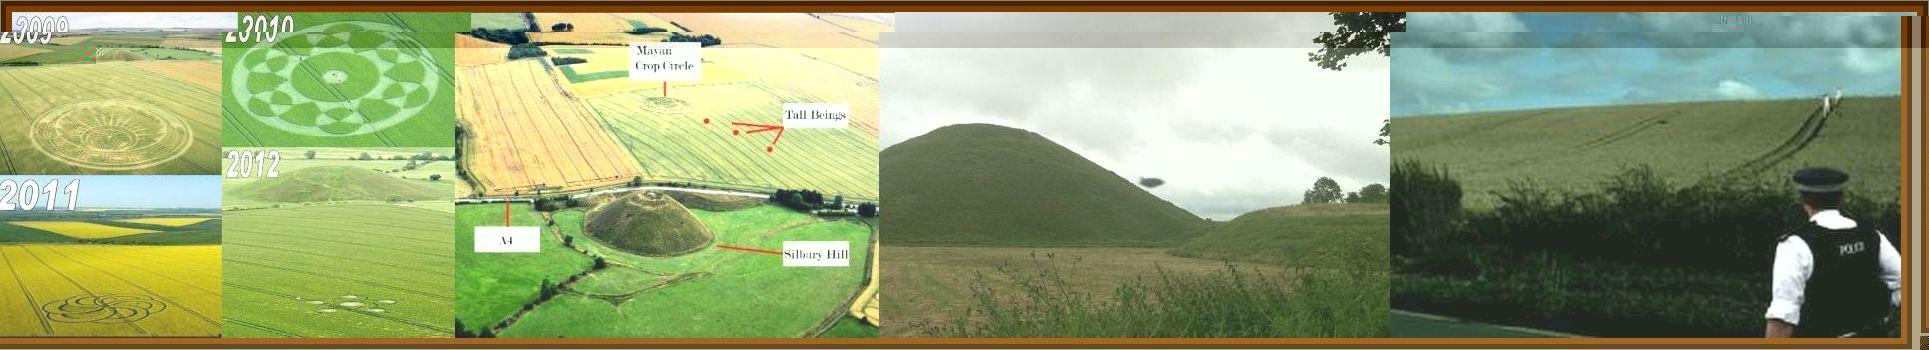 Silbury Hill Case